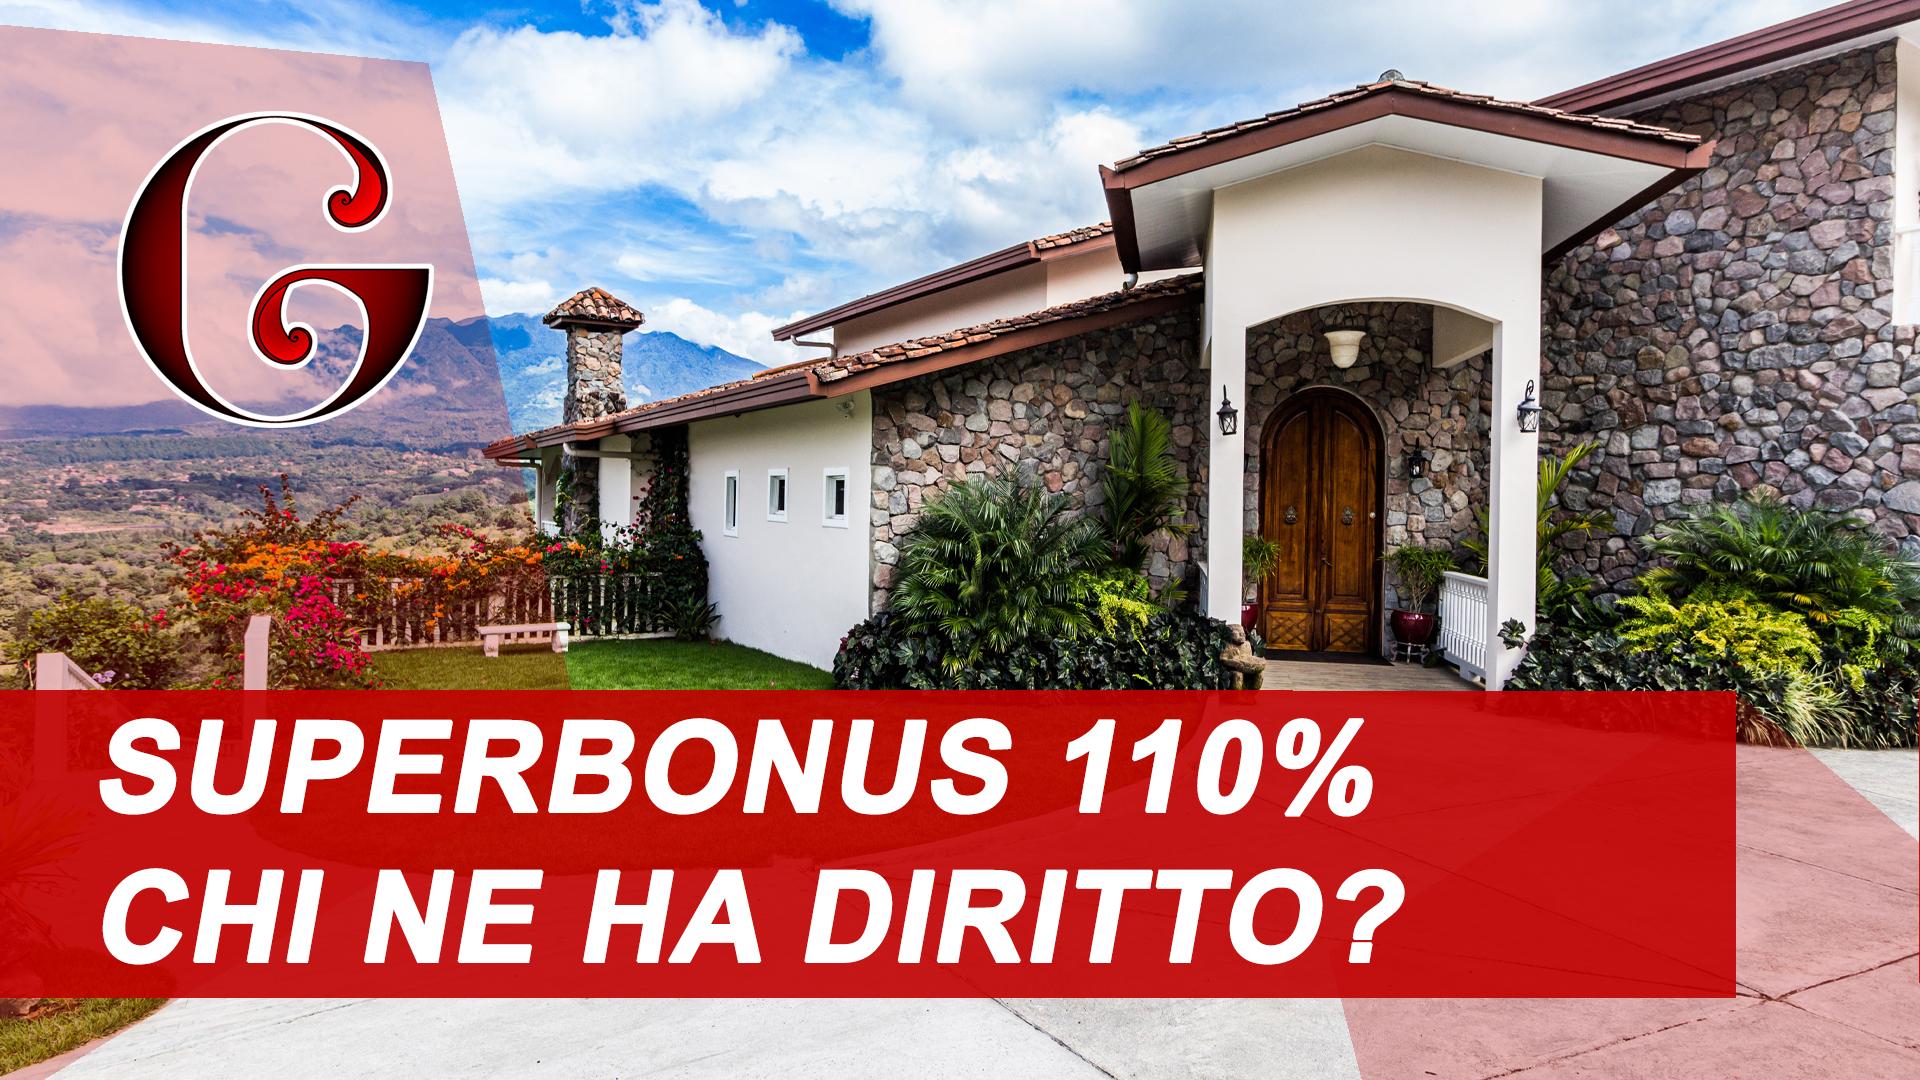 Superbonus 110 Chi Ne Ha Diritto Condomini E Persone Fisiche Circolare 24e Agenzia Delle Entrate Danilo Torresi